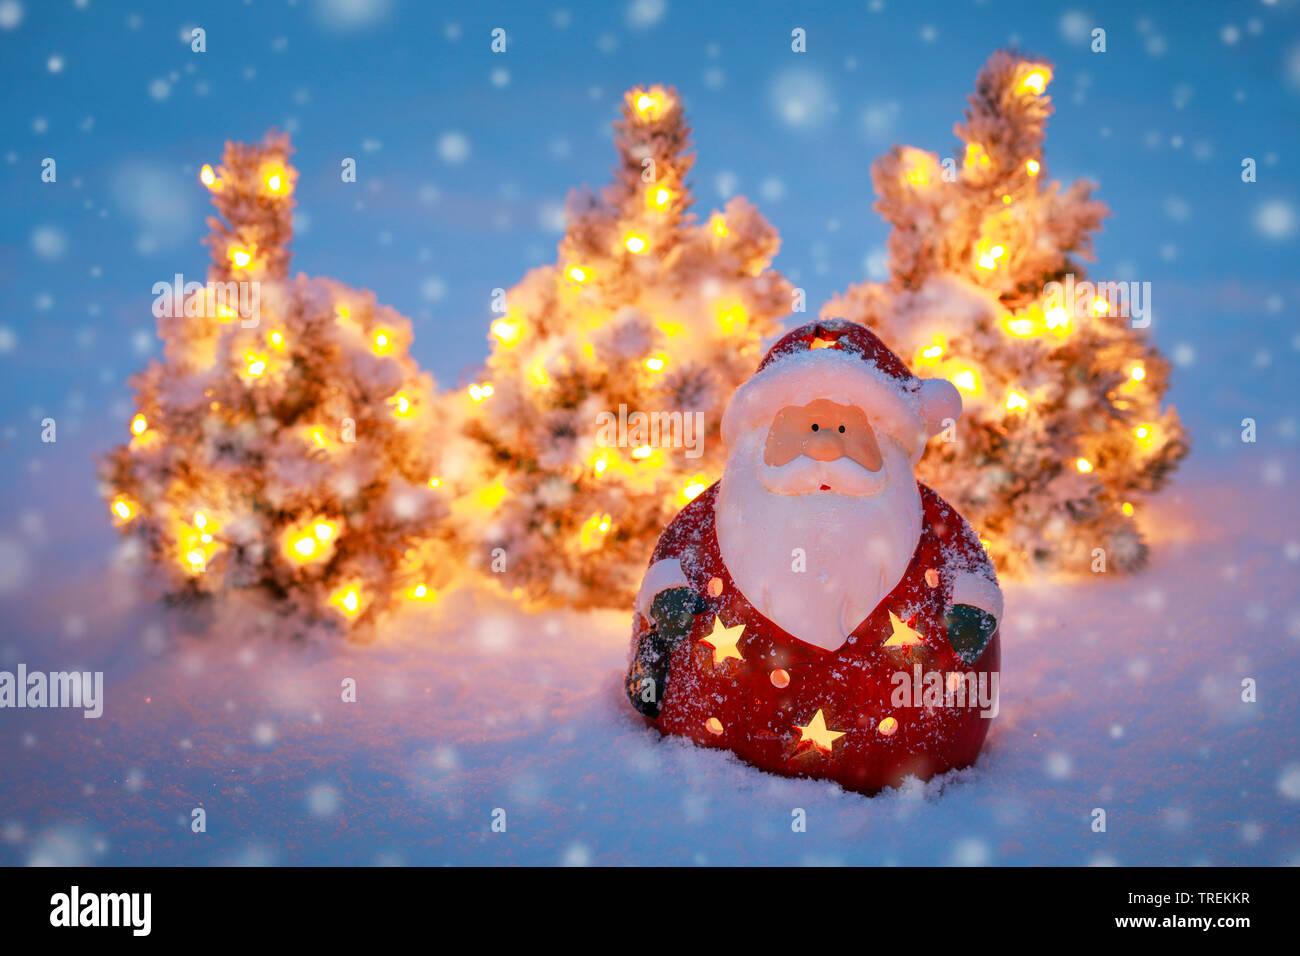 Weihnachtsmannfigur und kleine beleuchtete Weihnachtsbaeume im Schnee | Santa Claus and small illuminated Christmas trees in snow | BLWS528479.jpg [ ( - Stock Image